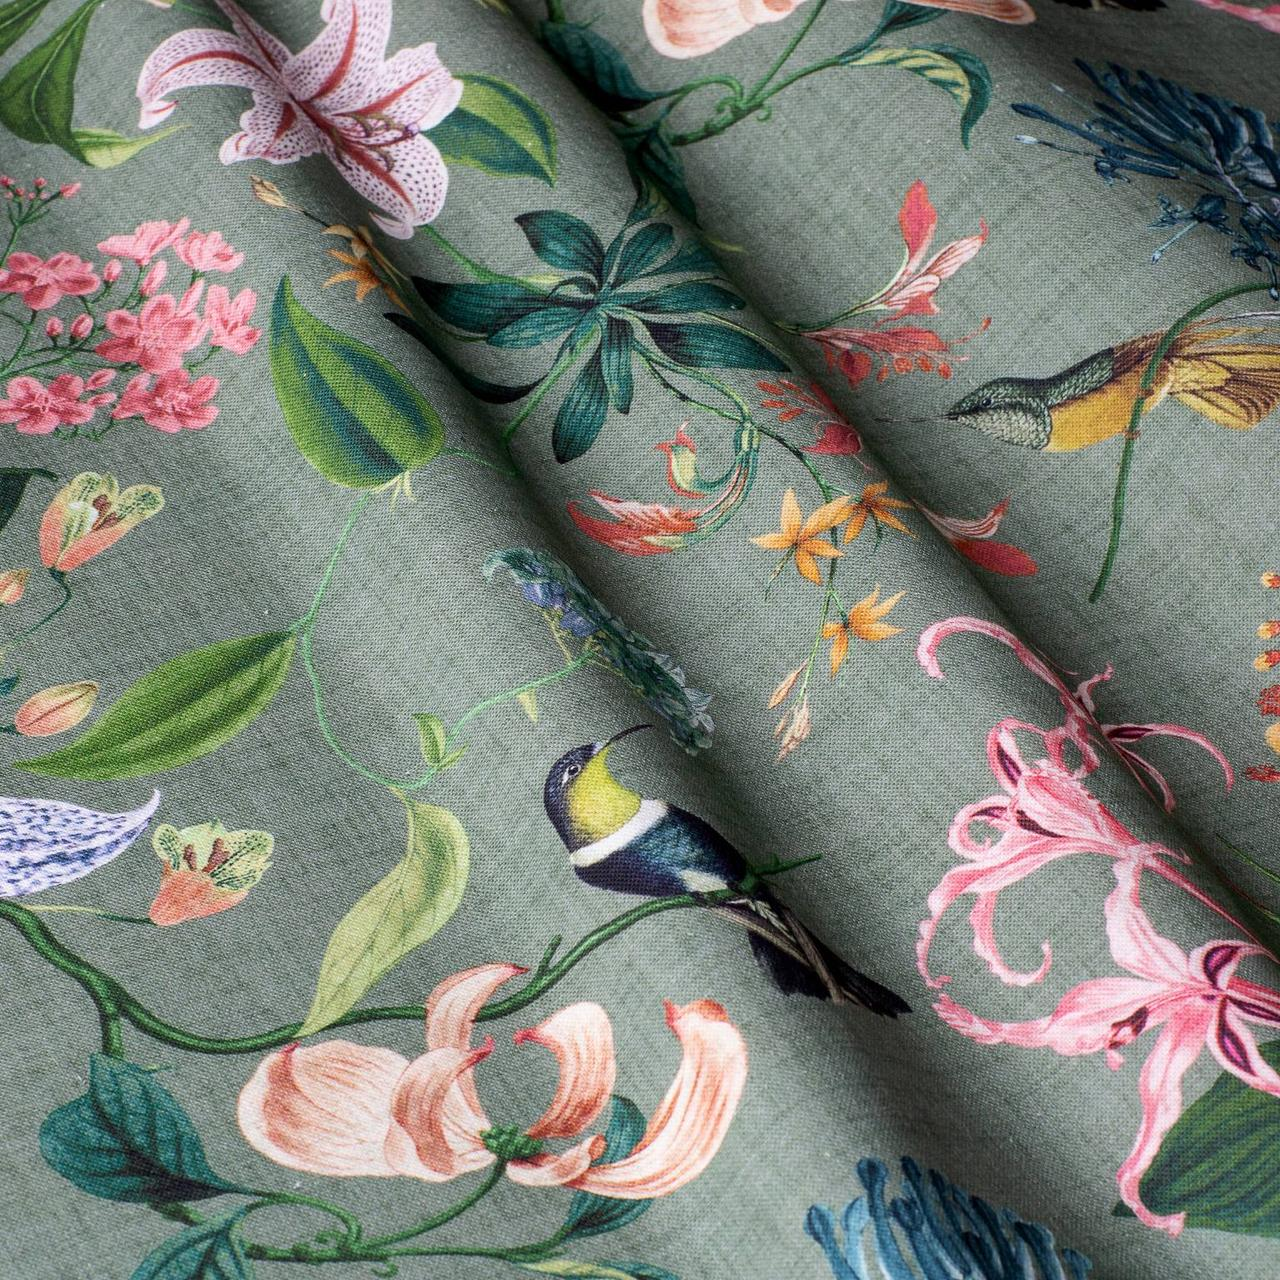 Декоративная ткань с крупными цветными растениями и птицами на зеленом 84295v2